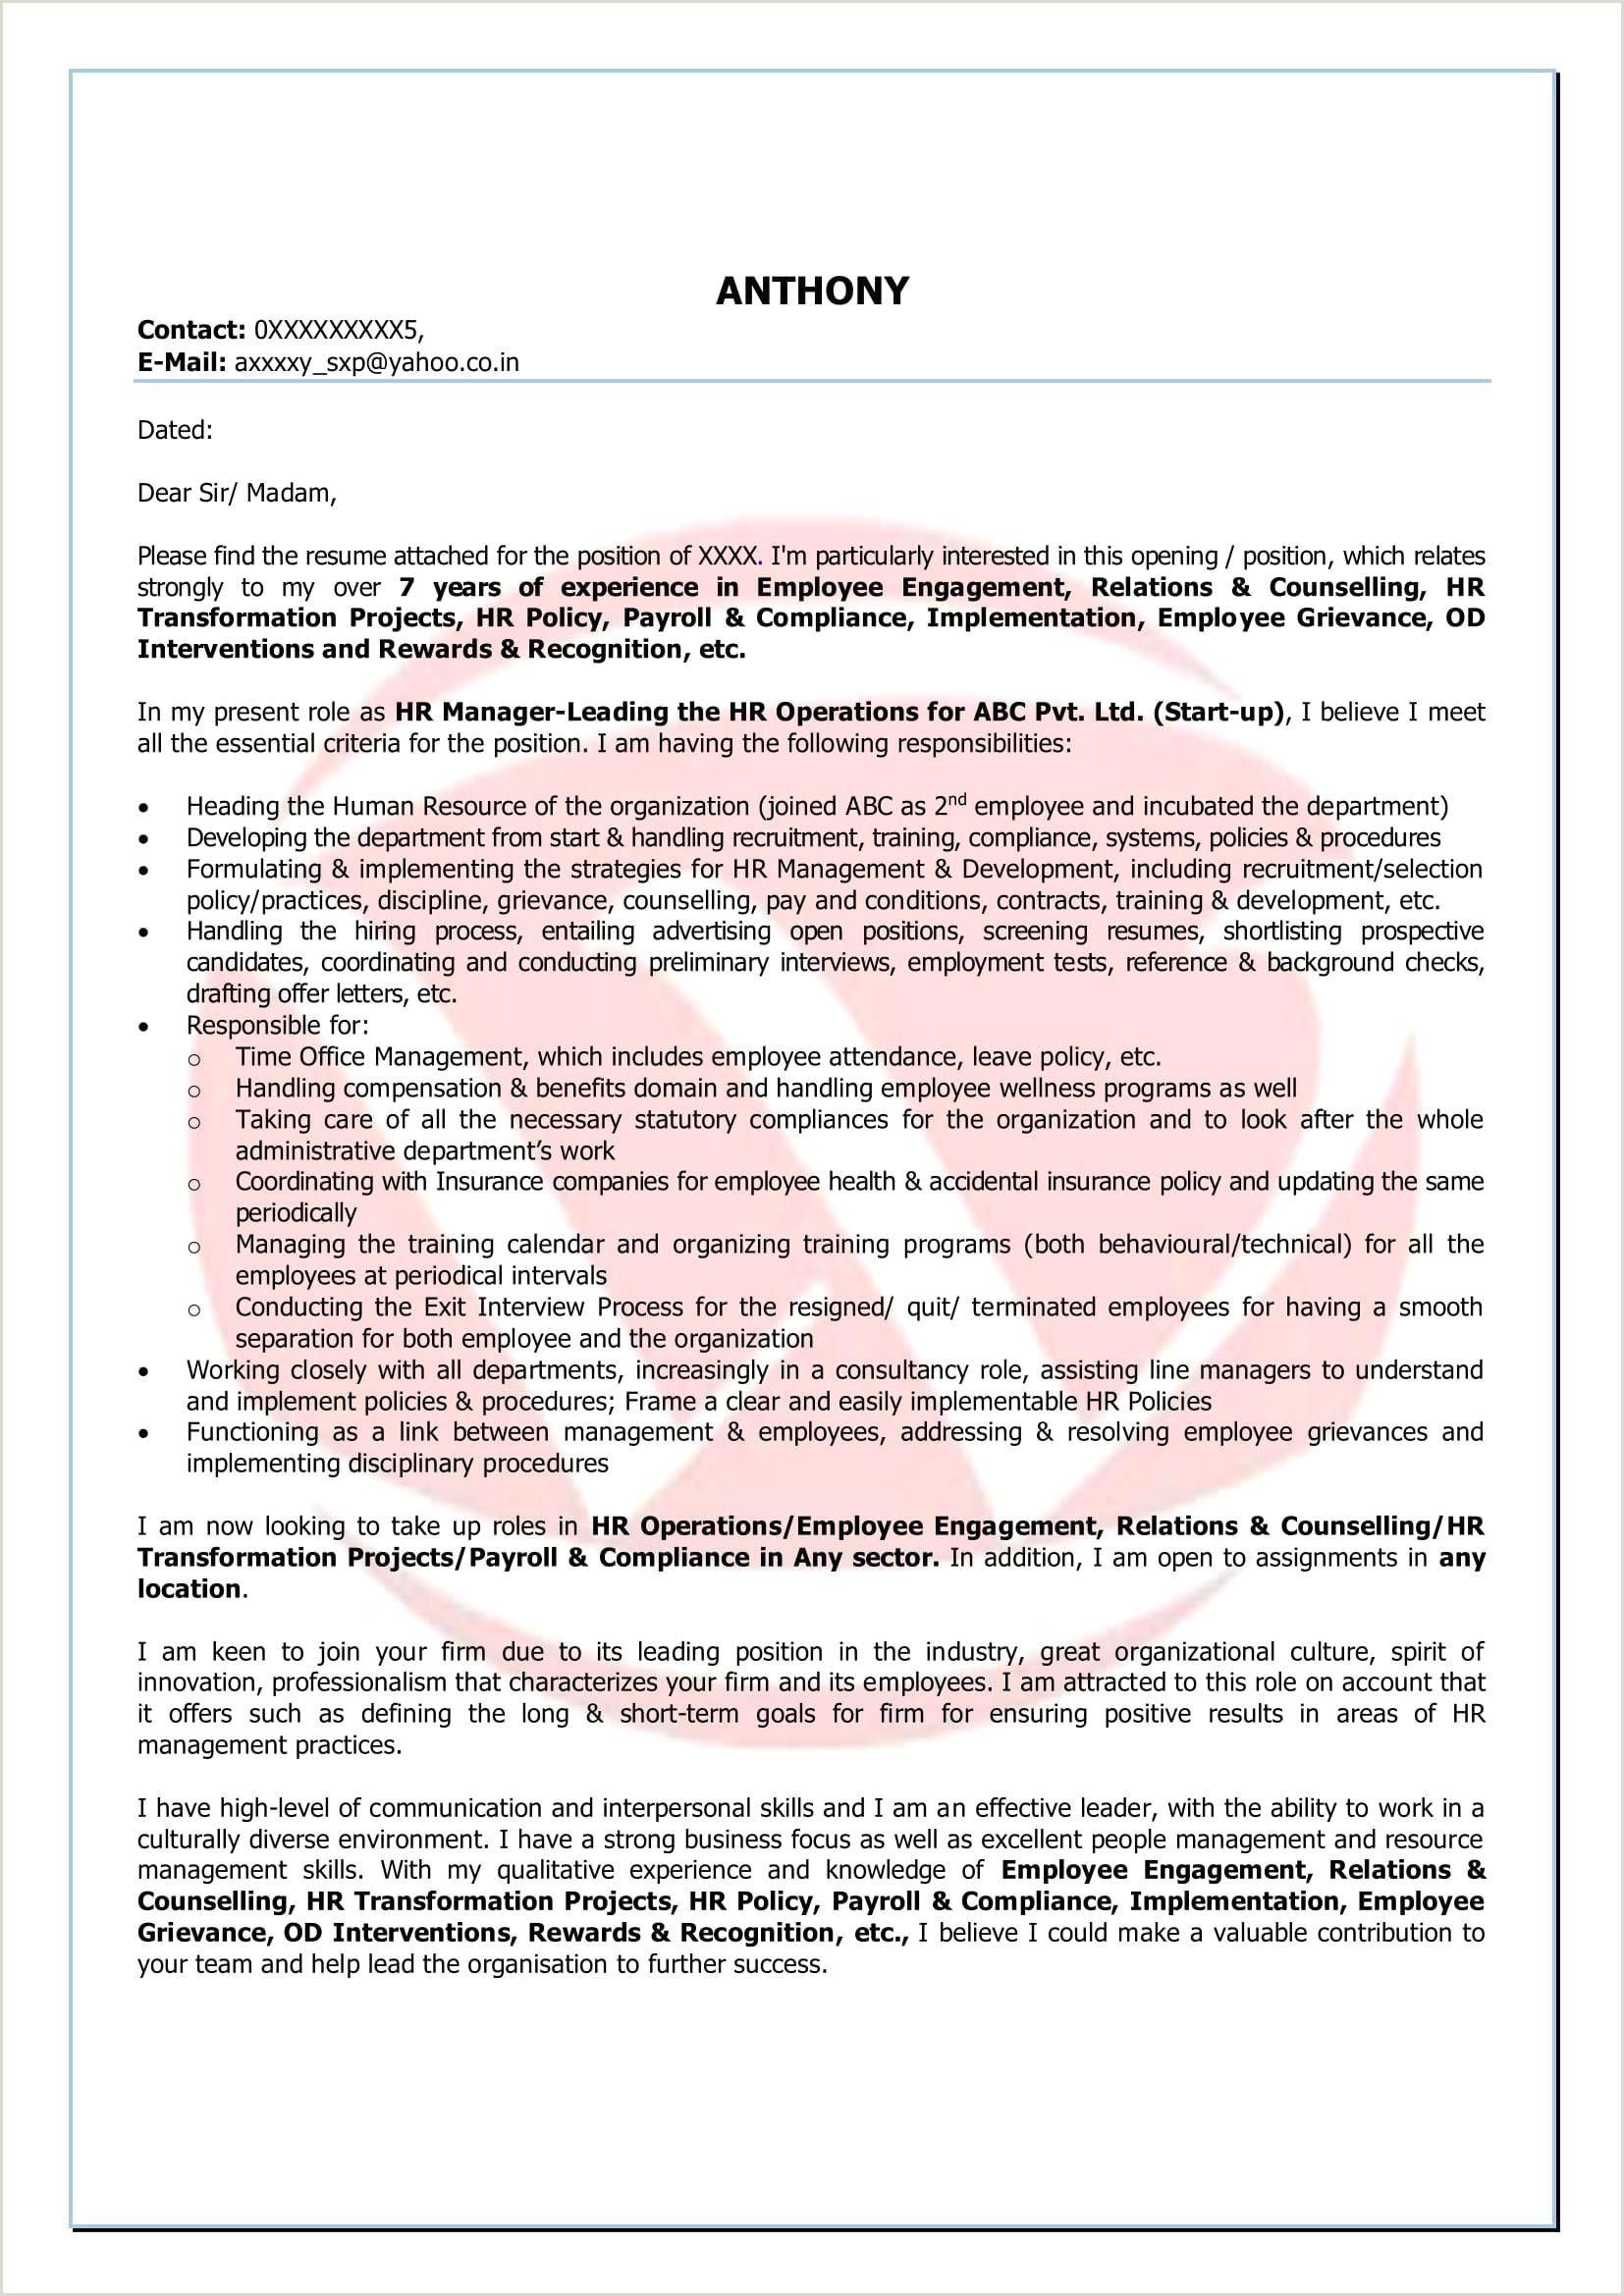 Cv format for Job Interview Modele Lettre De Motivation Pour Ehpad Lettre Motivation